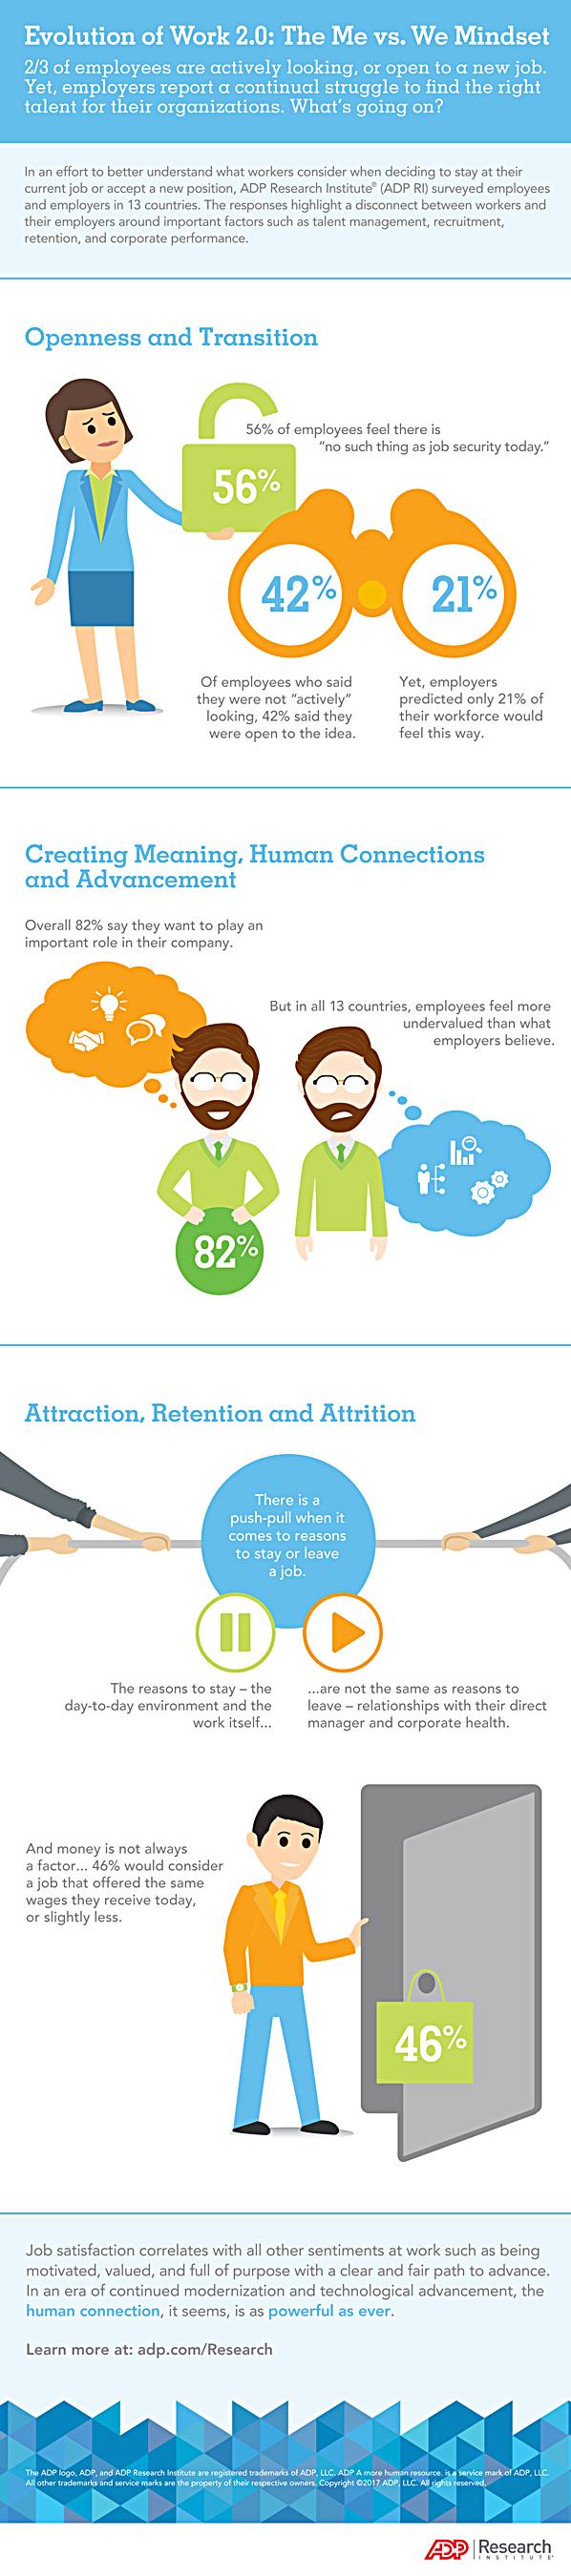 Evolution of Work 2.0: The Me vs. We Mindset